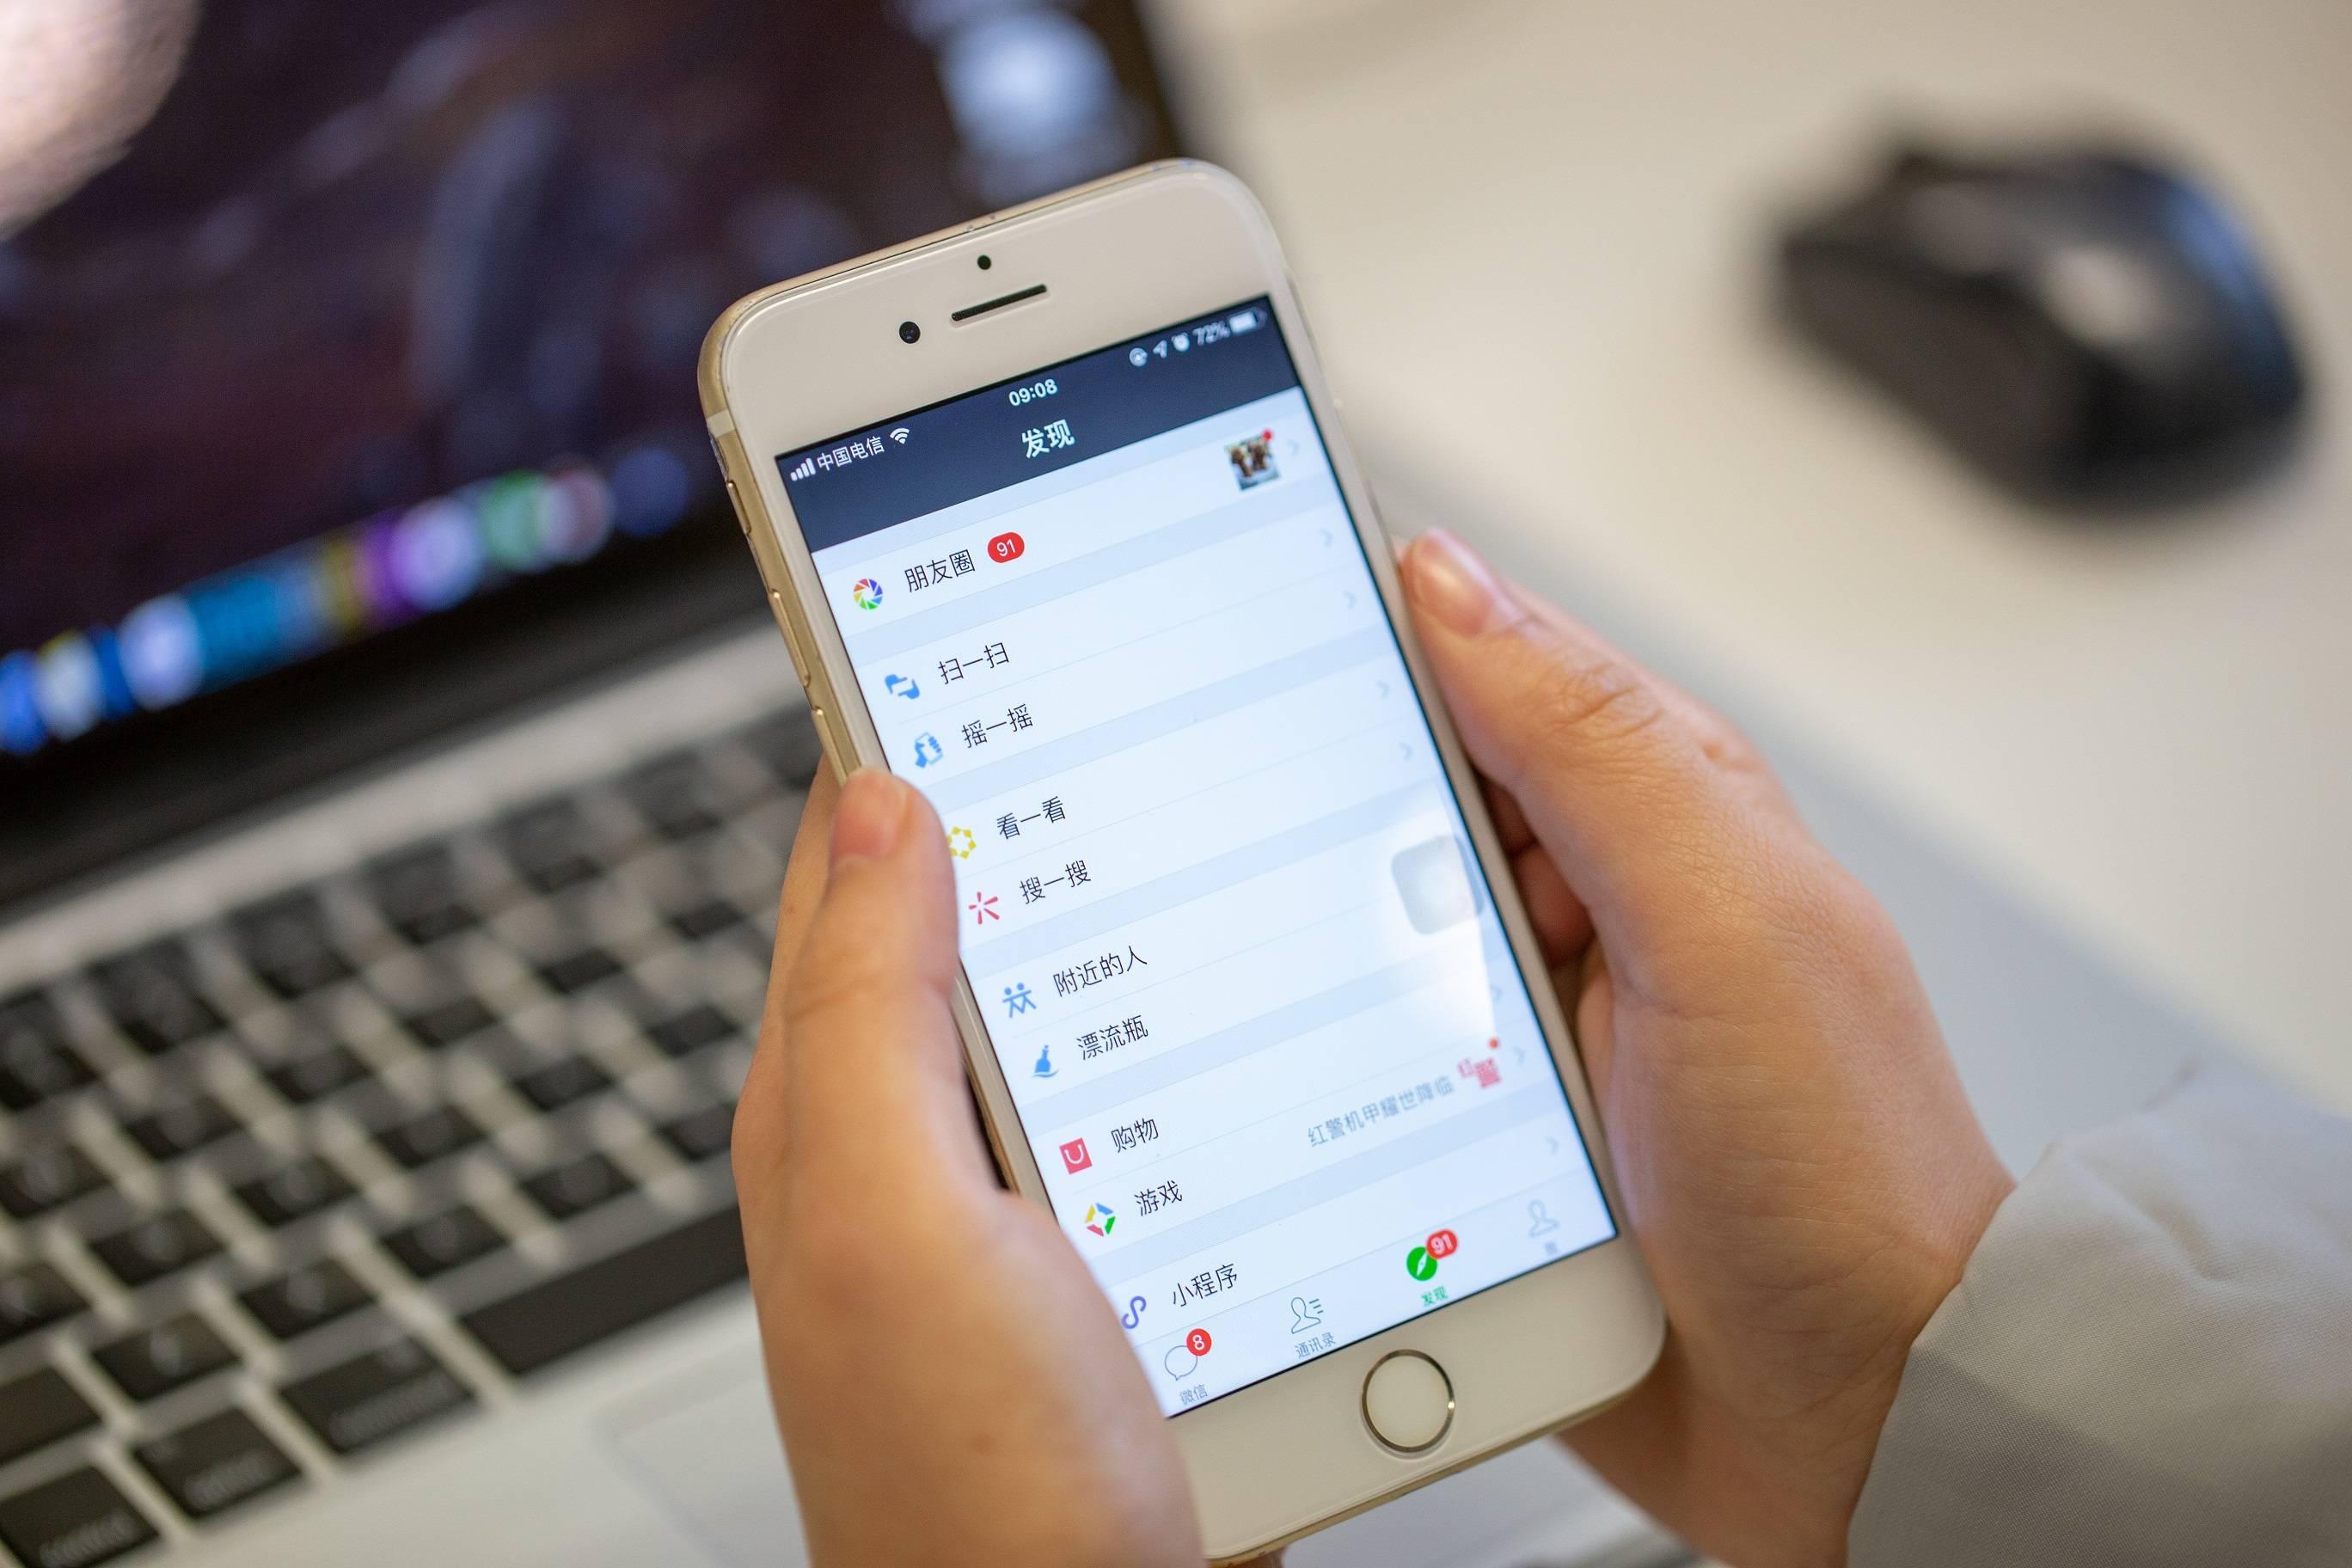 怎样在微信上查找历史聊天记录